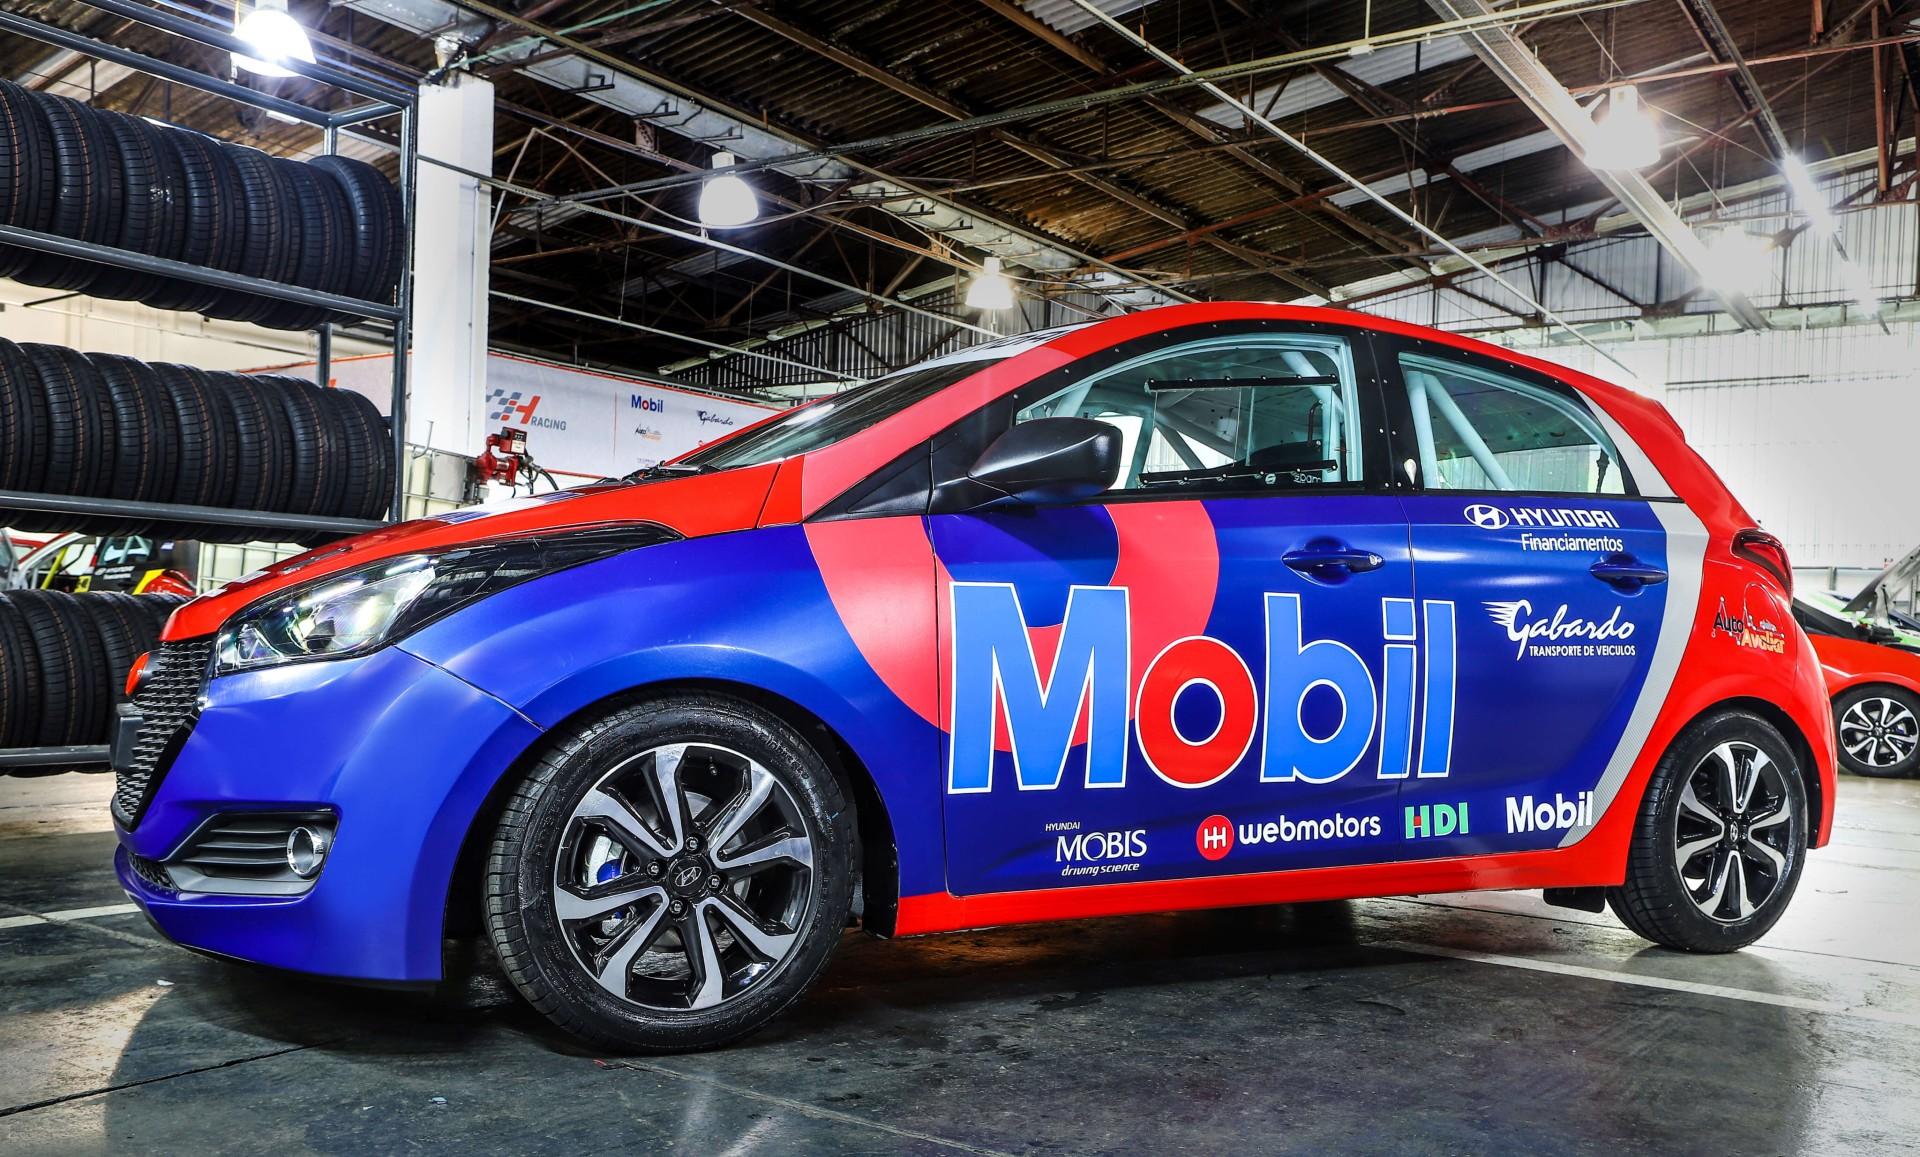 Webmotors é uma das empresas que apoia a nova categoria do automobilismo brasileiro